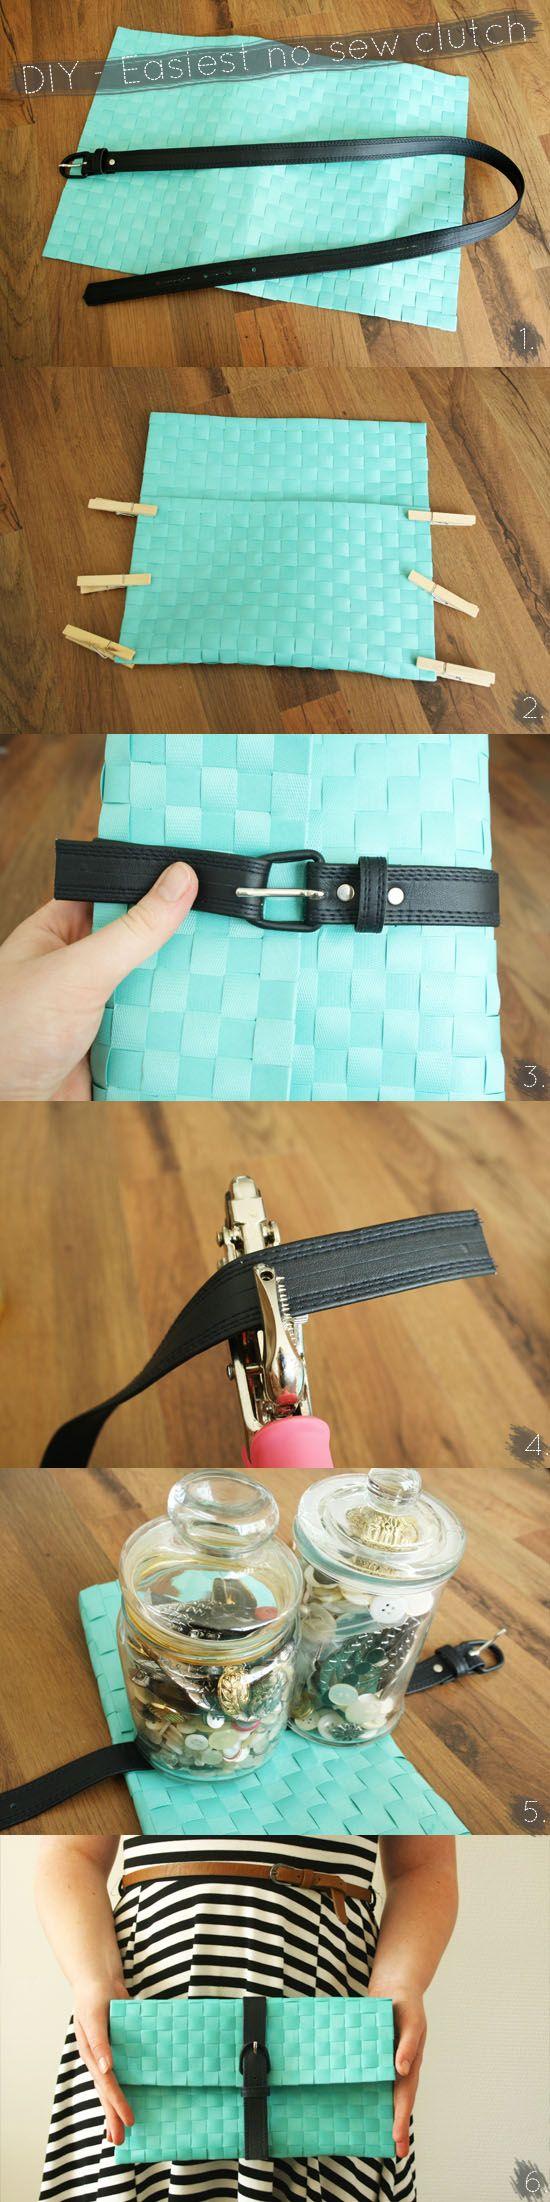 20 Easy DIY